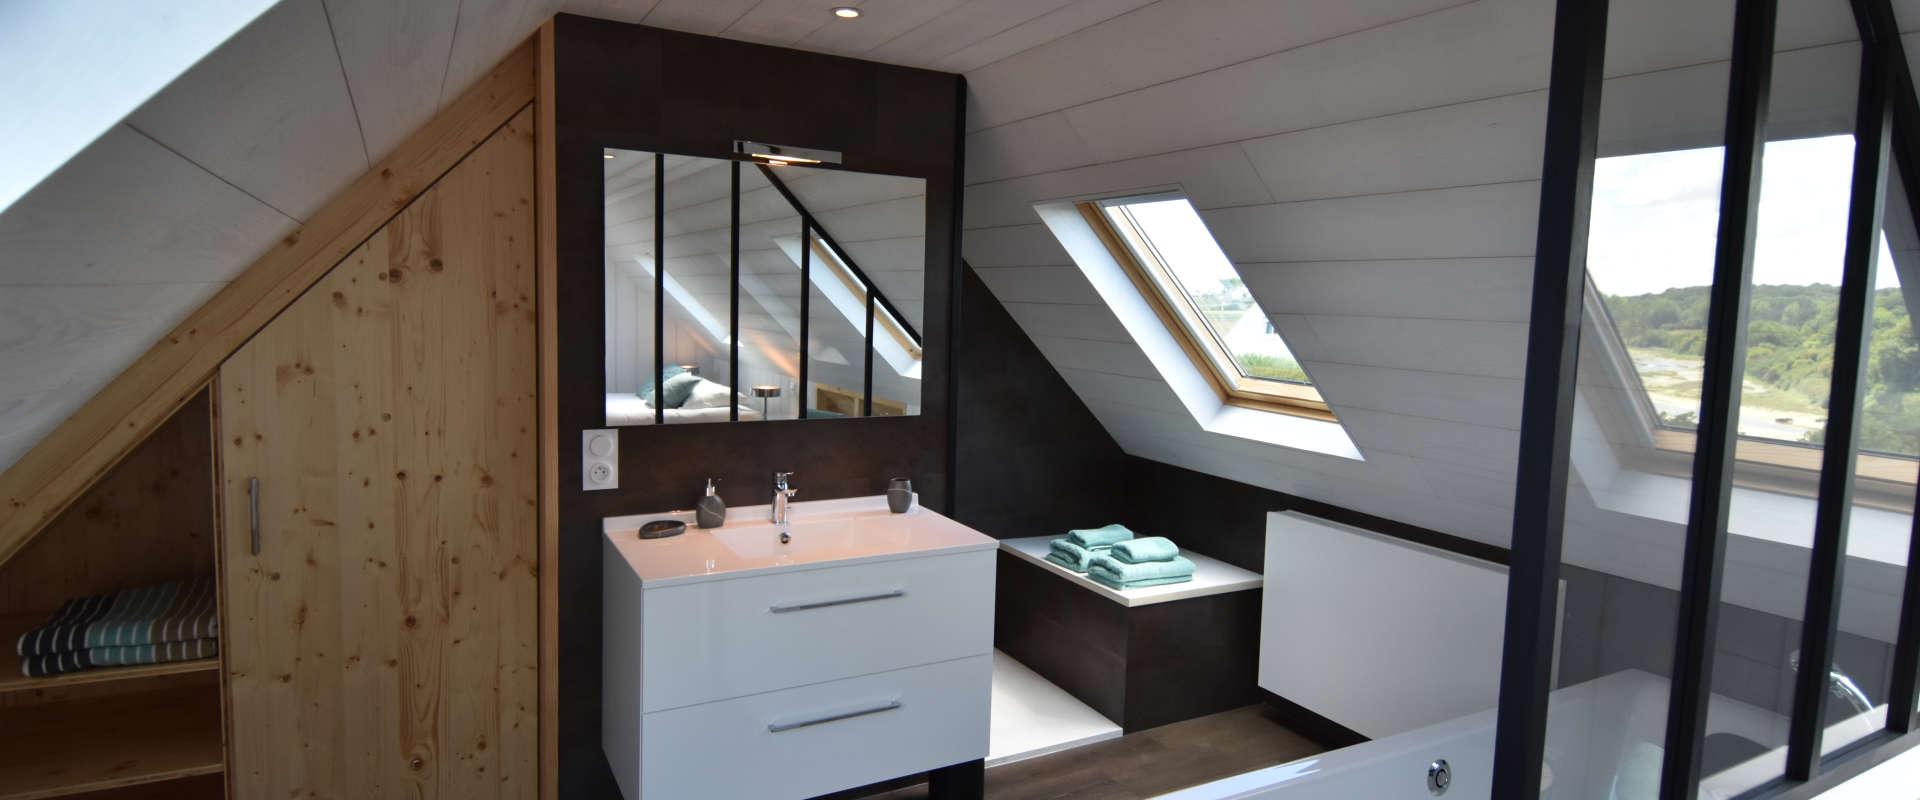 aigrettes-6salle-bain-etage2.jpg